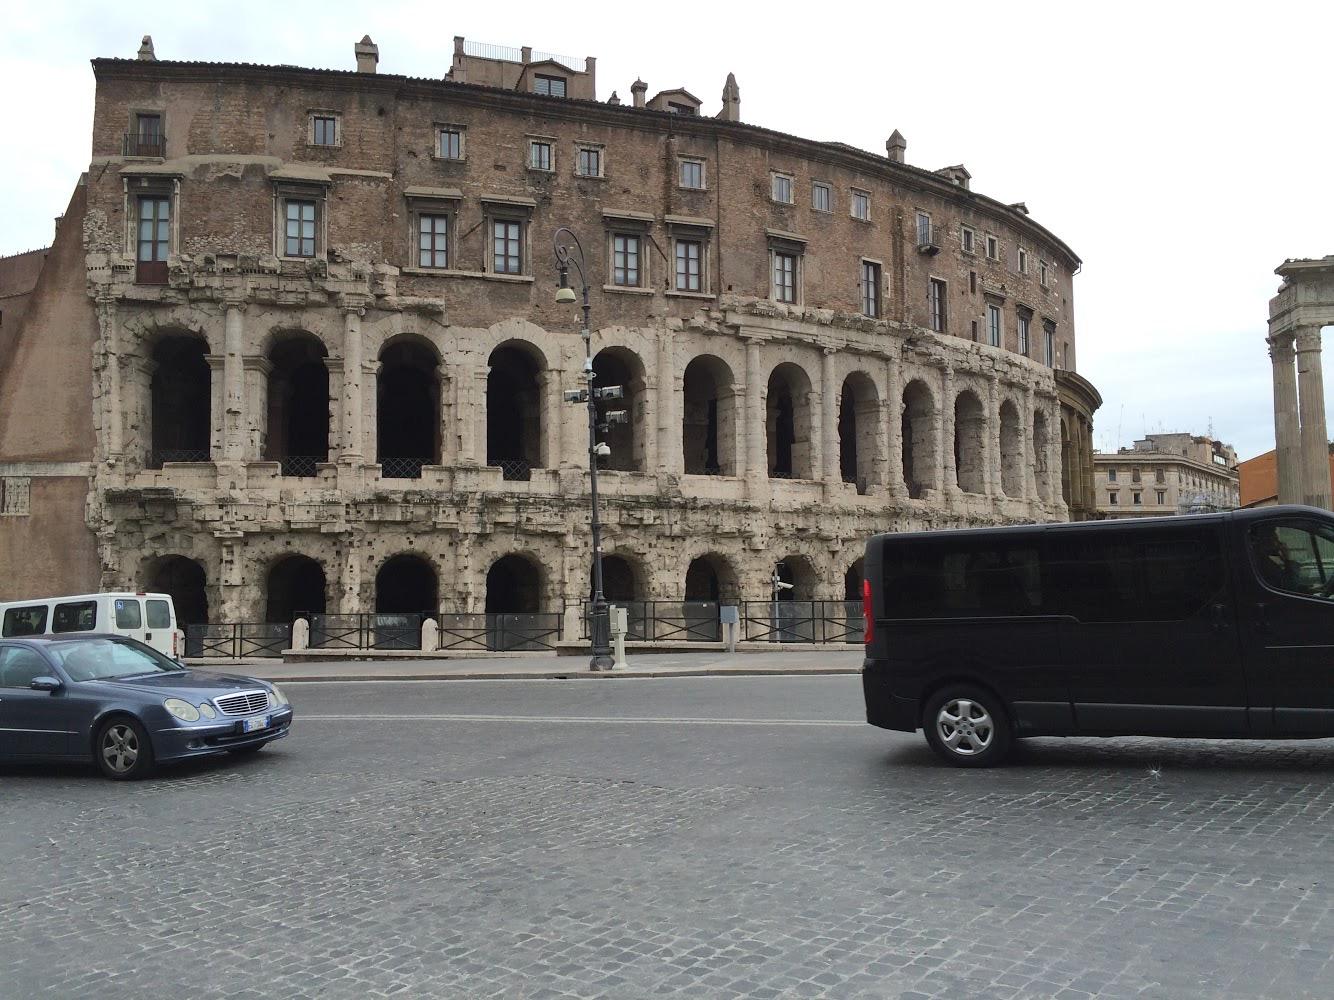 Режим чрезвычайной ситуации из-за COVID-19 продлится в Италии до конца года